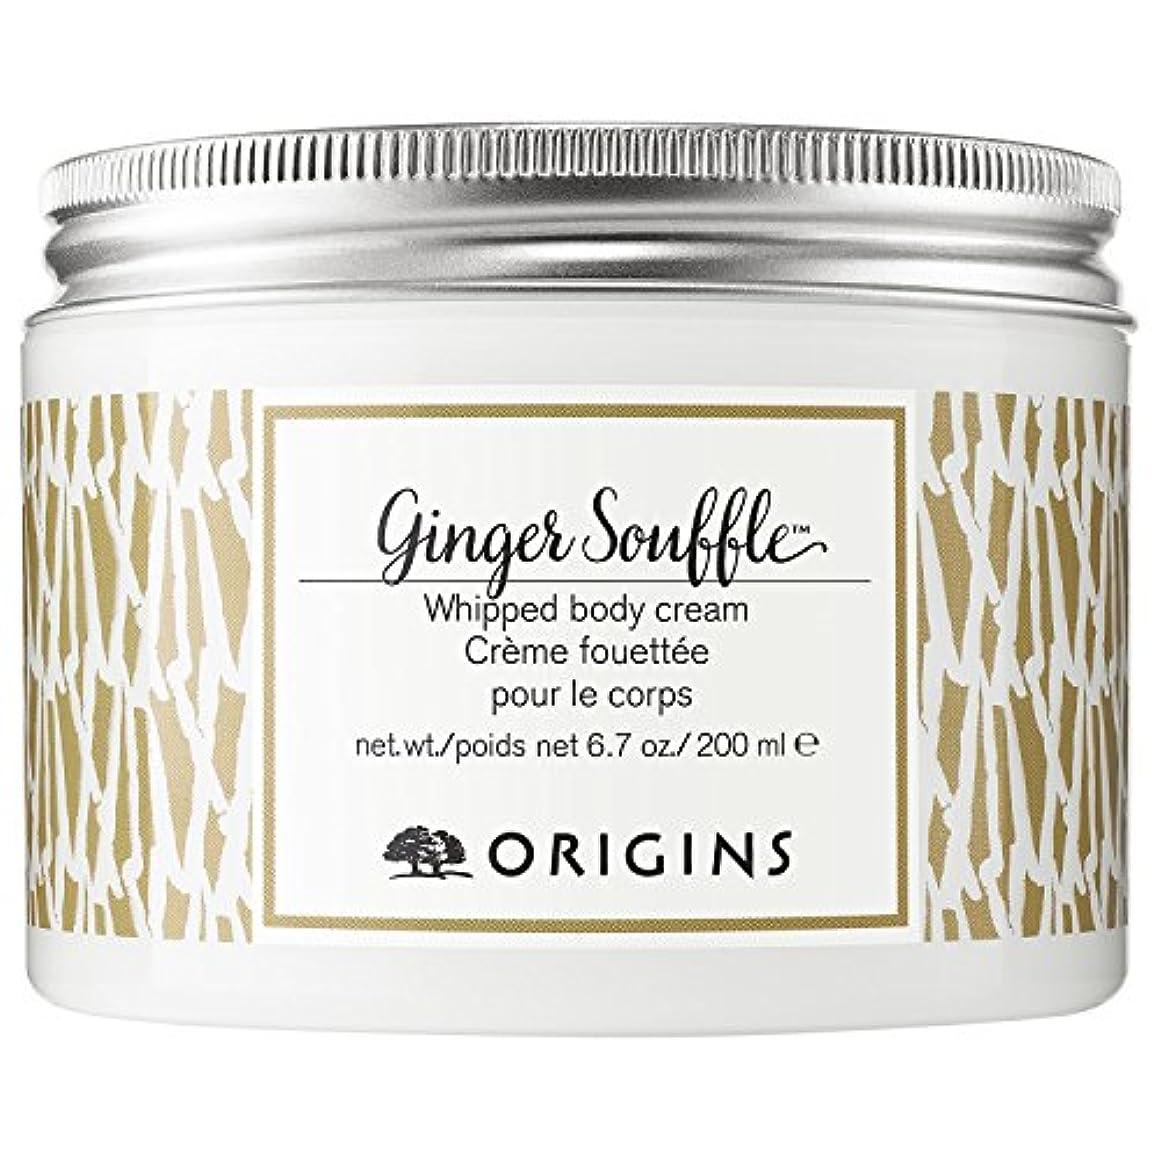 マーベル受粉者腸起源ジンジャースフレボディクリーム200ミリリットル (Origins) - Origins Ginger Souffl? Body Cream 200ml [並行輸入品]